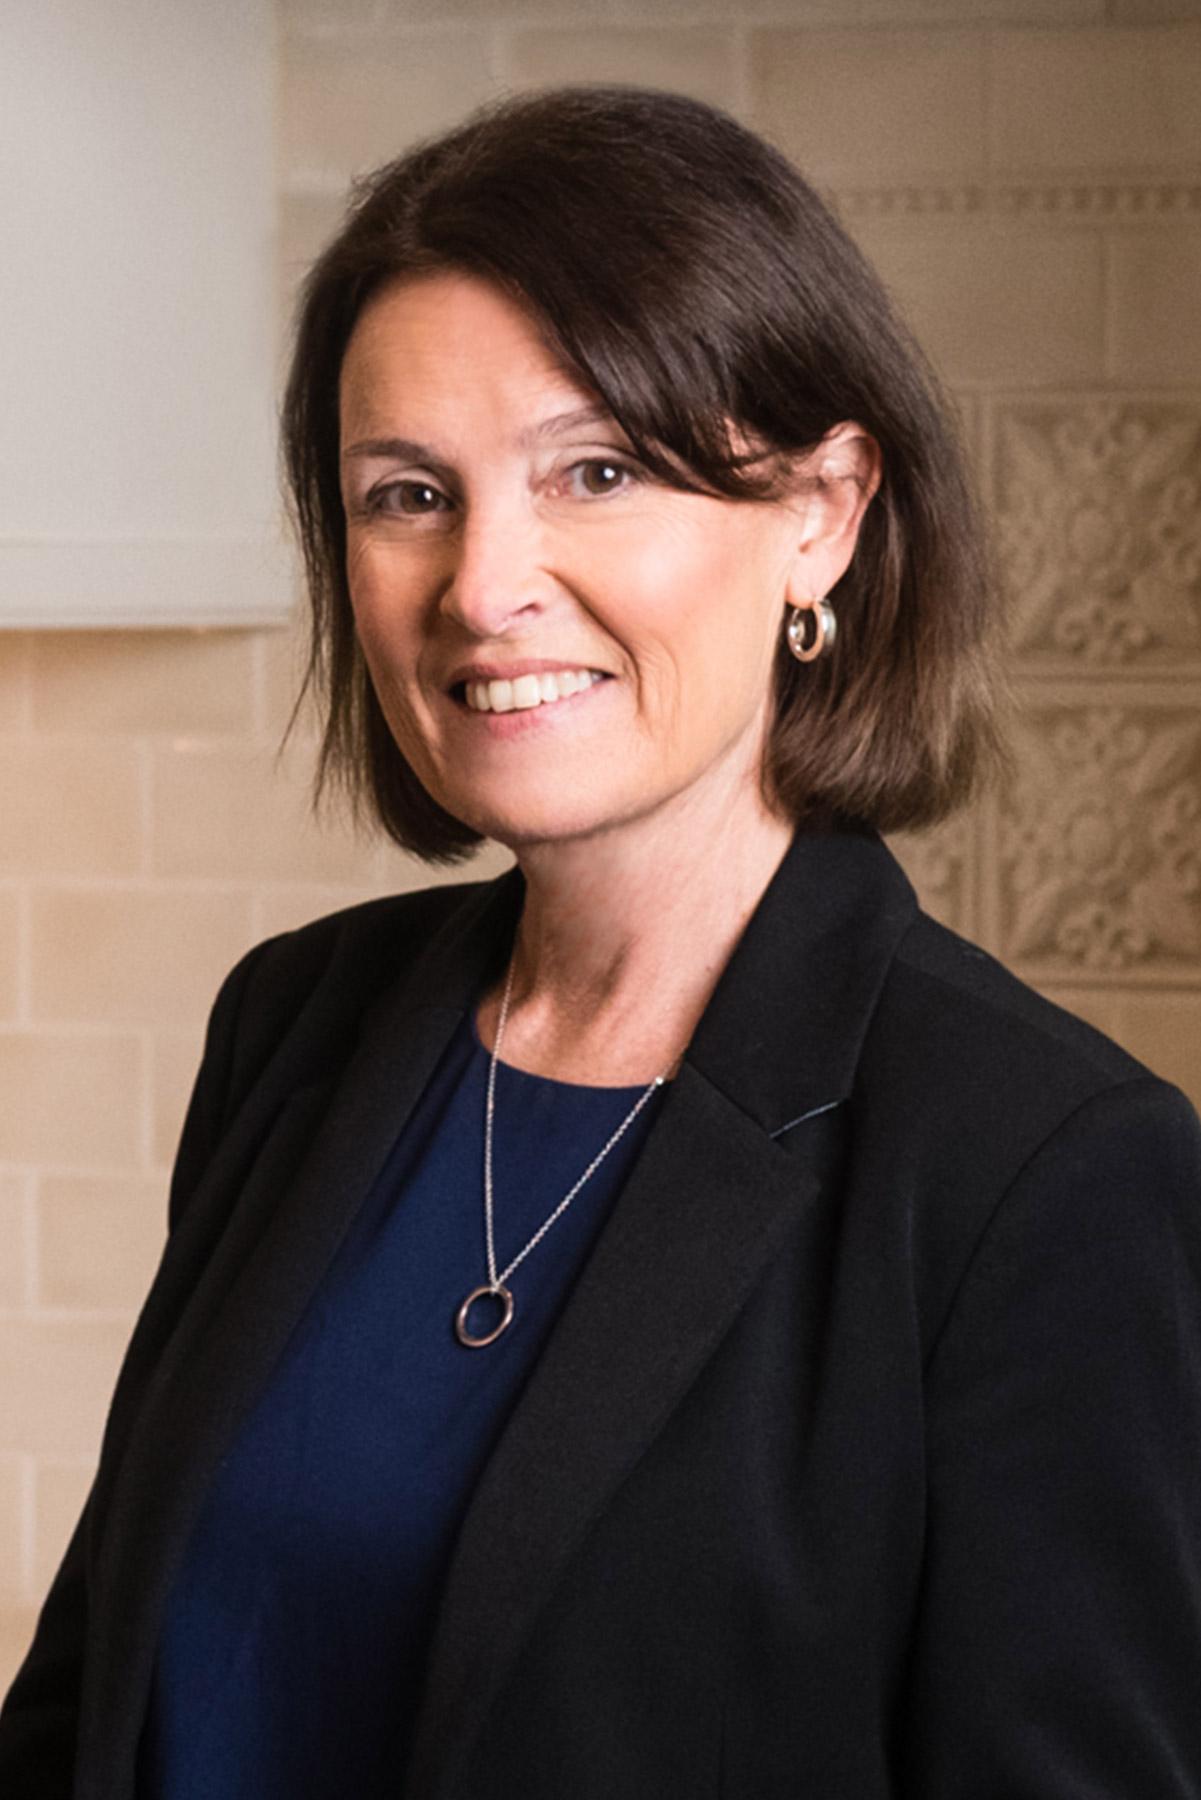 Yvonne Hanrahan